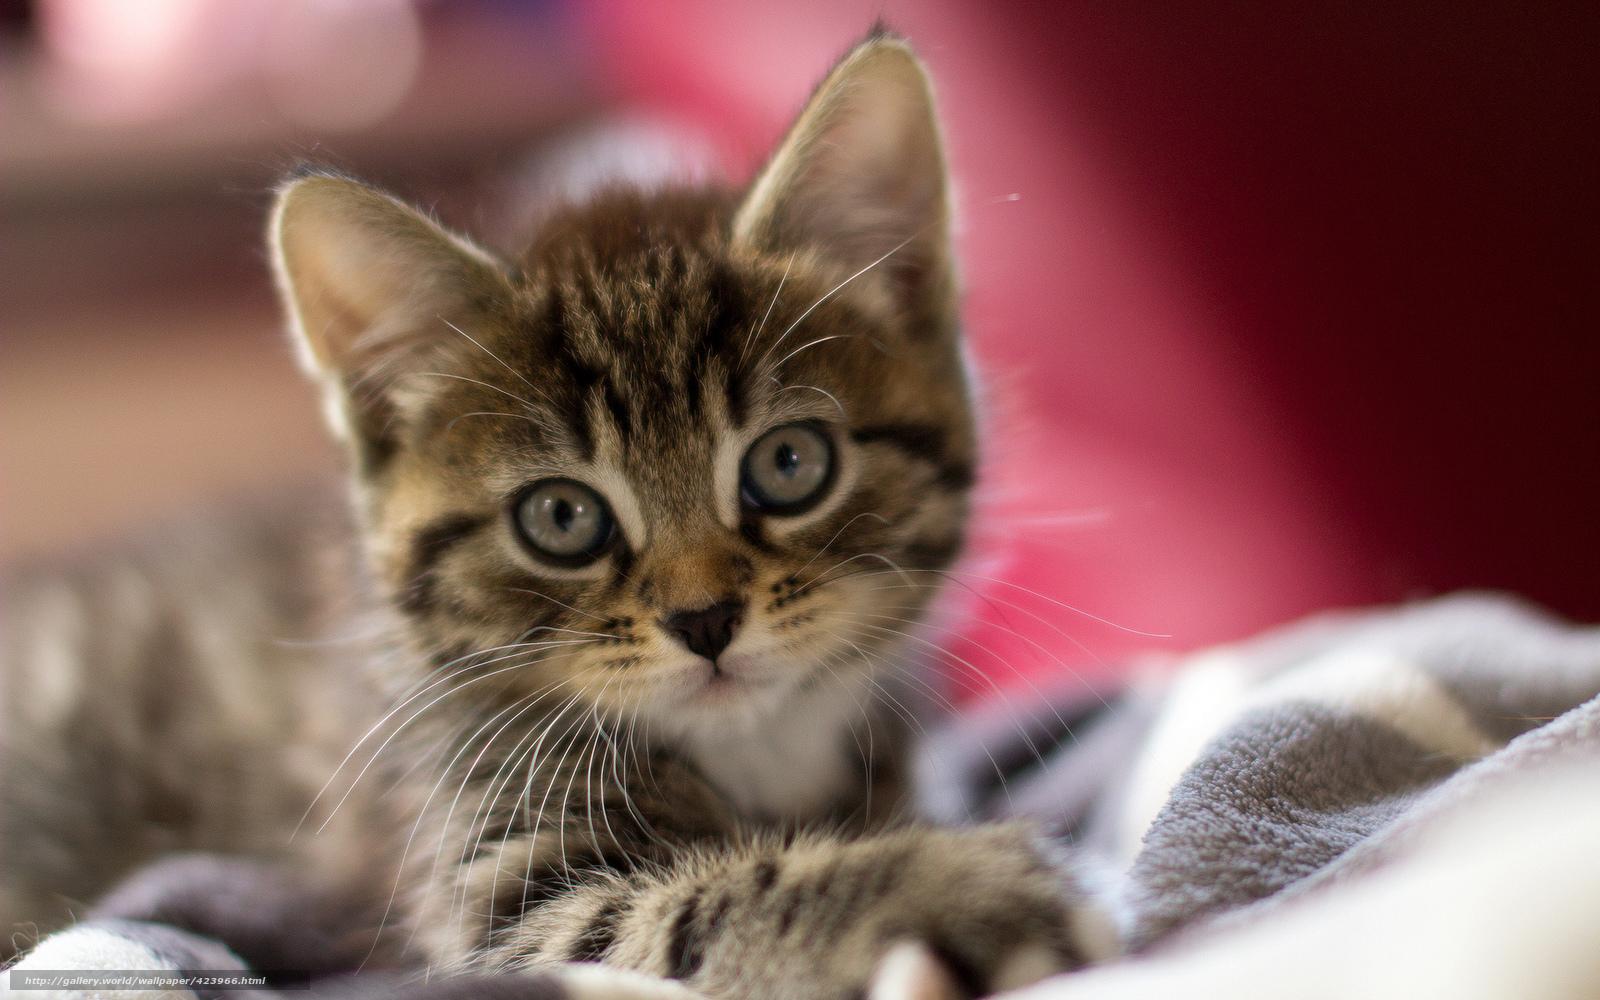 tlcharger fond d 39 ecran chat chaton mordashka yeux fonds d 39 ecran gratuits pour votre rsolution. Black Bedroom Furniture Sets. Home Design Ideas